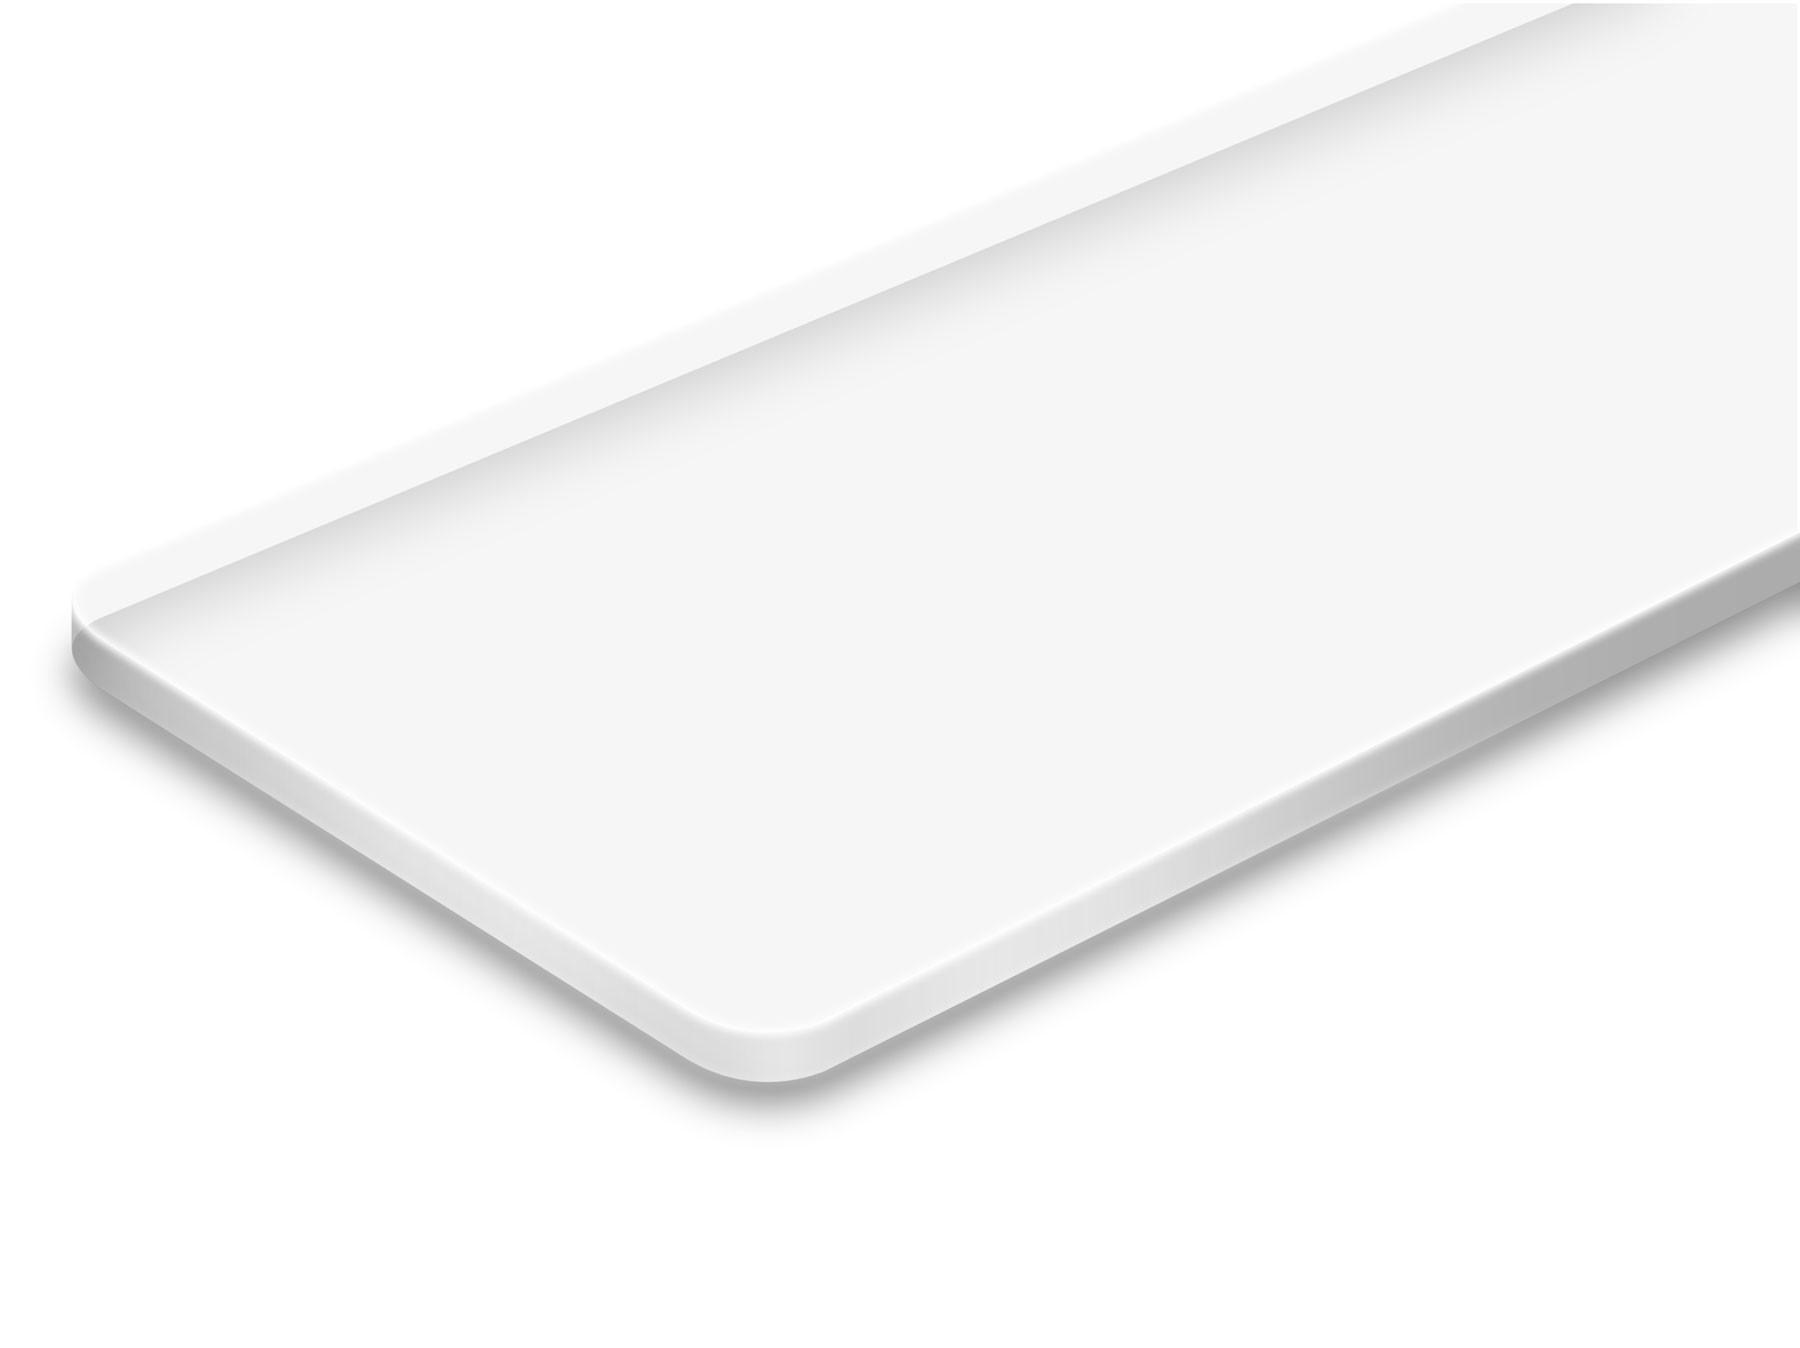 TroLase ADA Signage, Clear, 1ply, 0.8 mm